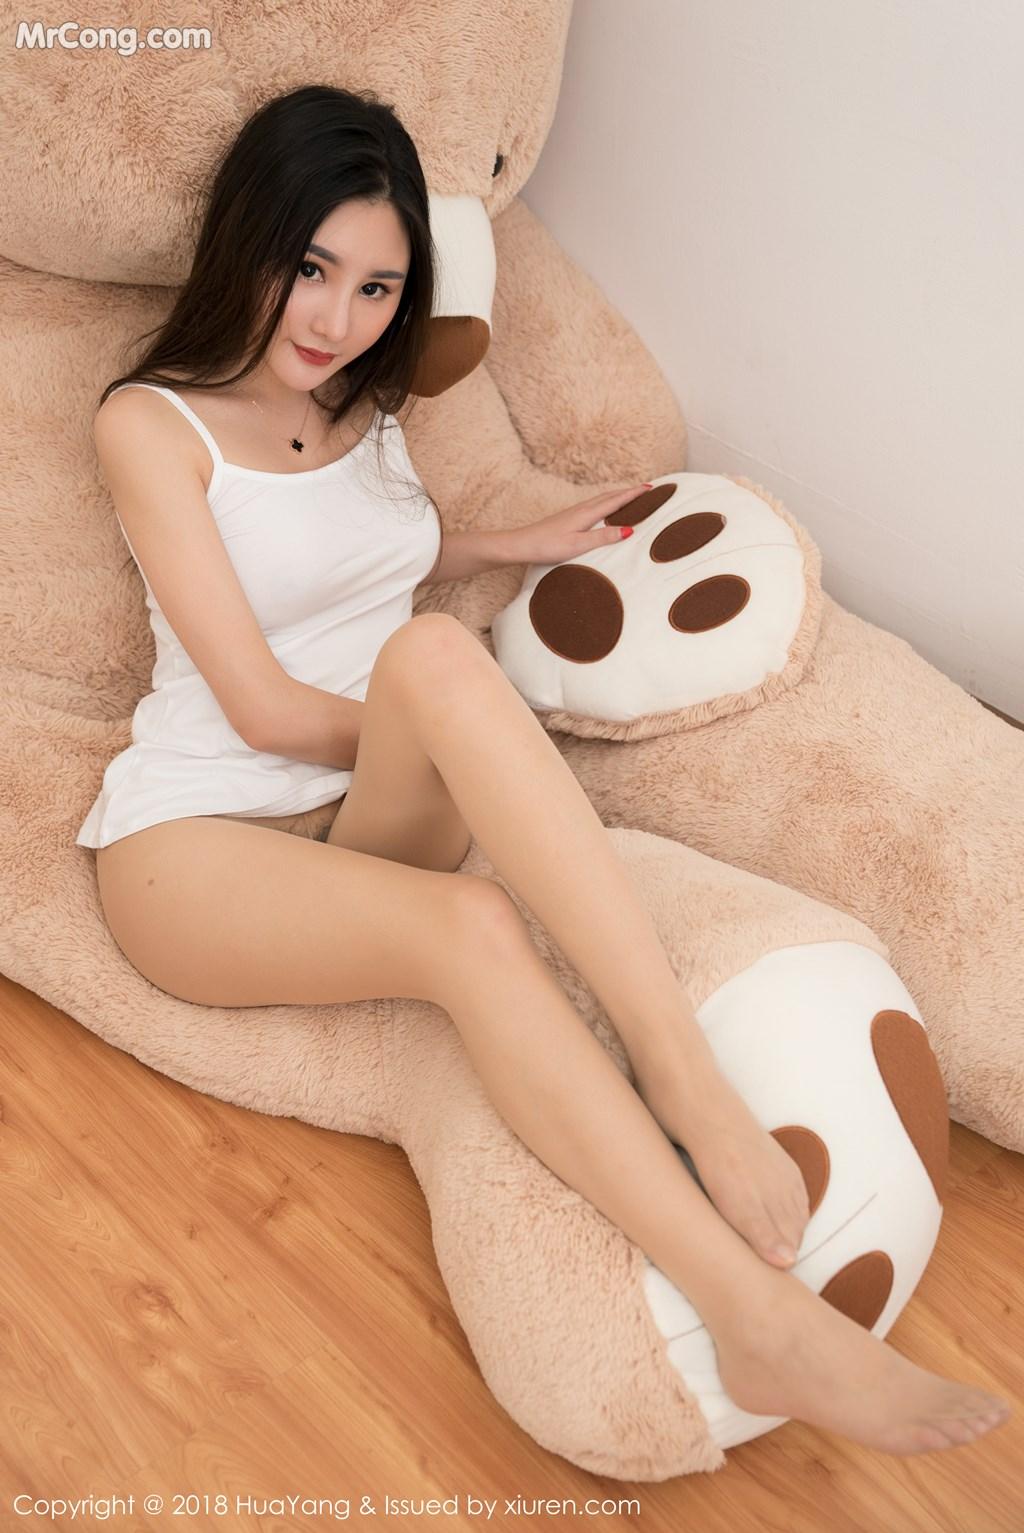 Image HuaYang-2018-03-02-Vol.034-Xiao-Tian-Xin-Candy-MrCong.com-022 in post HuaYang 2018-03-02 Vol.034: Người mẫu Xiao Tian Xin (小甜心Candy) (41 ảnh)